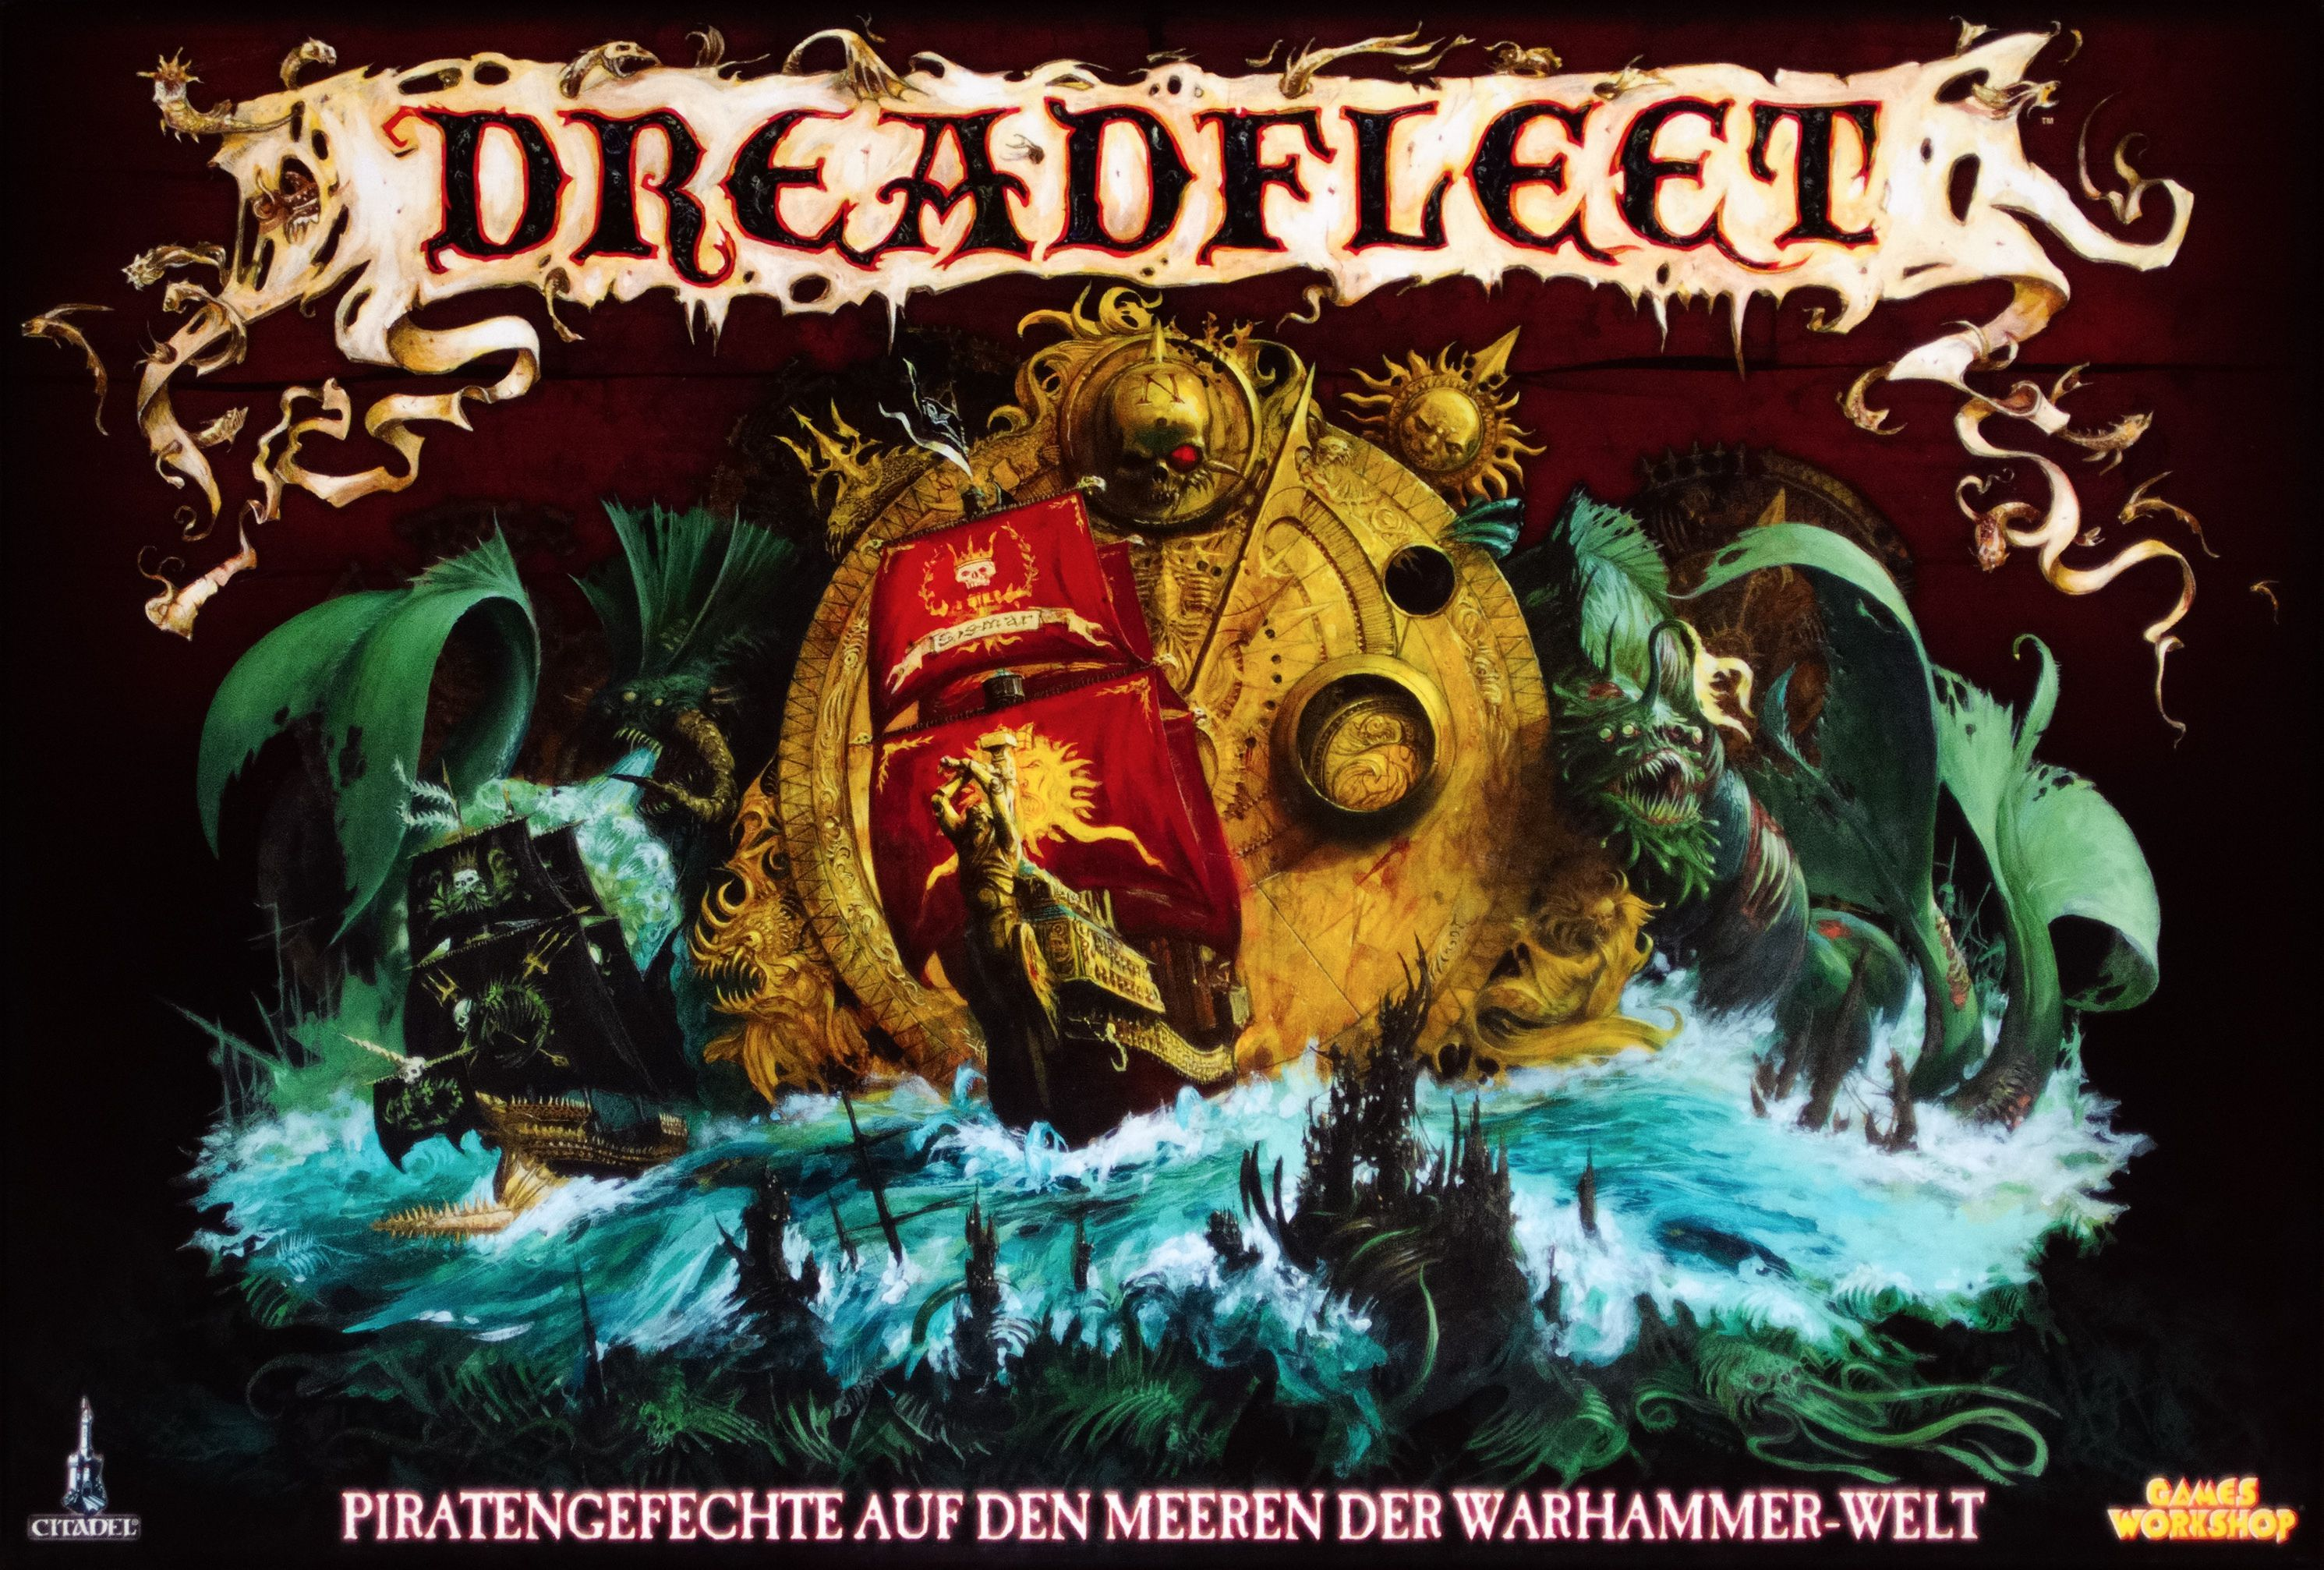 Dreadfleet